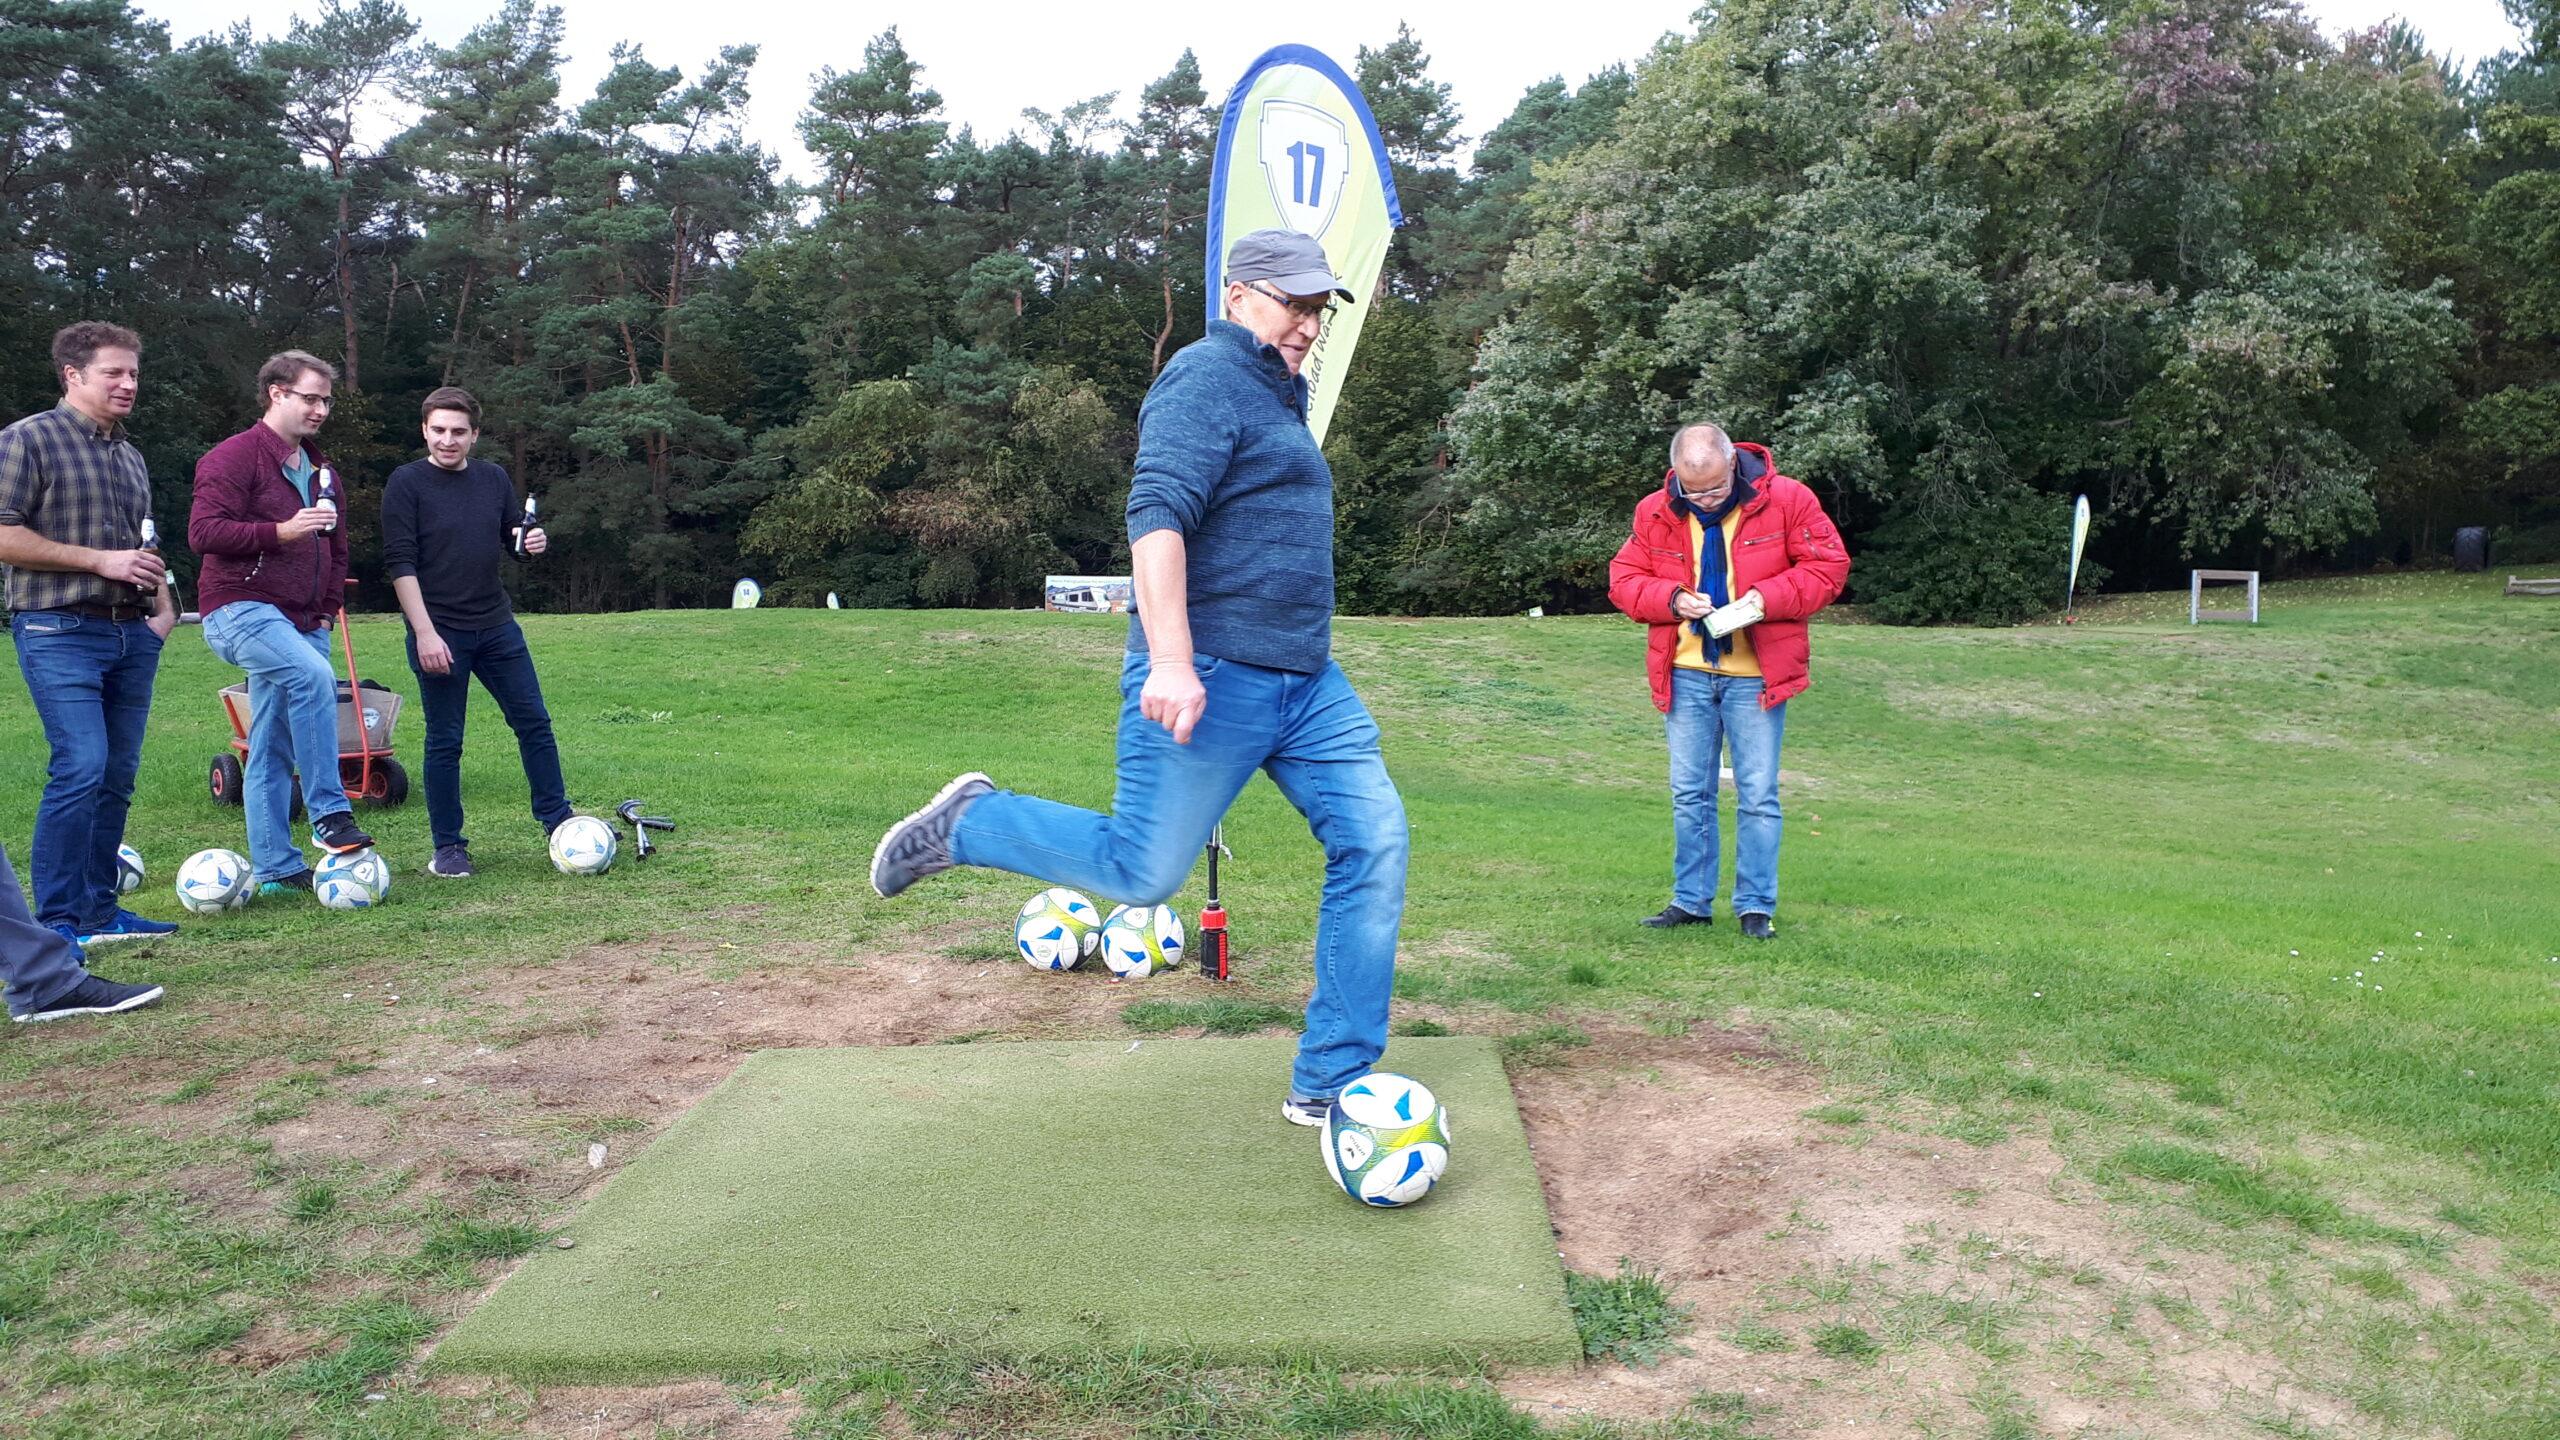 Fußballgolf in Walbeck